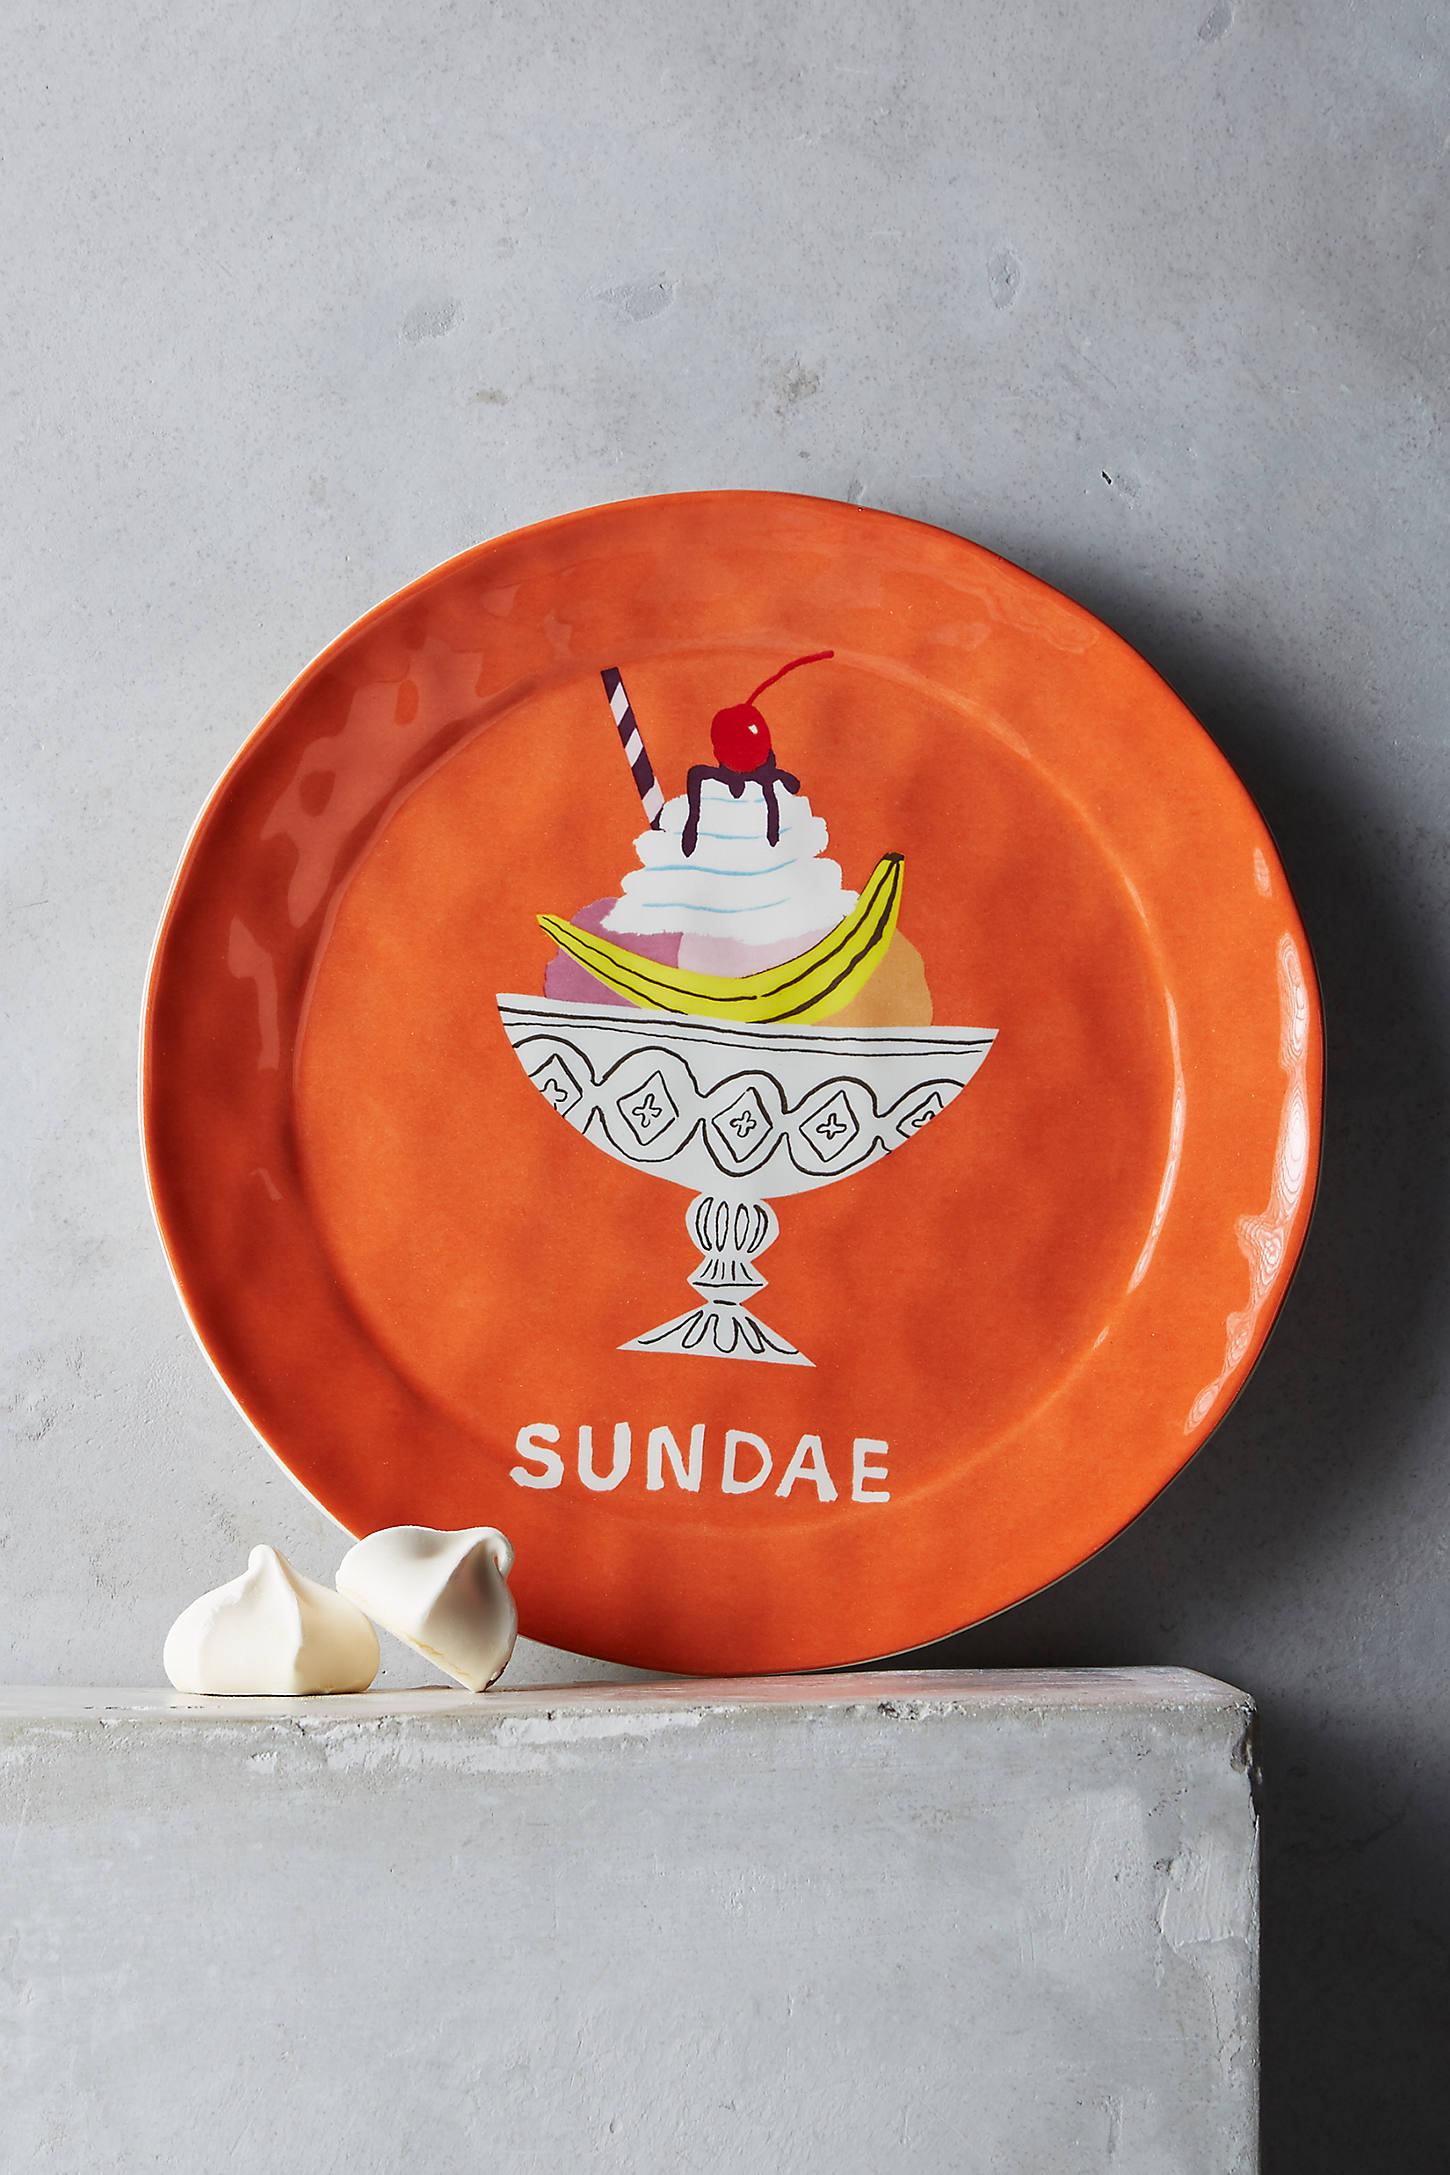 Pictoral Dessert Plate